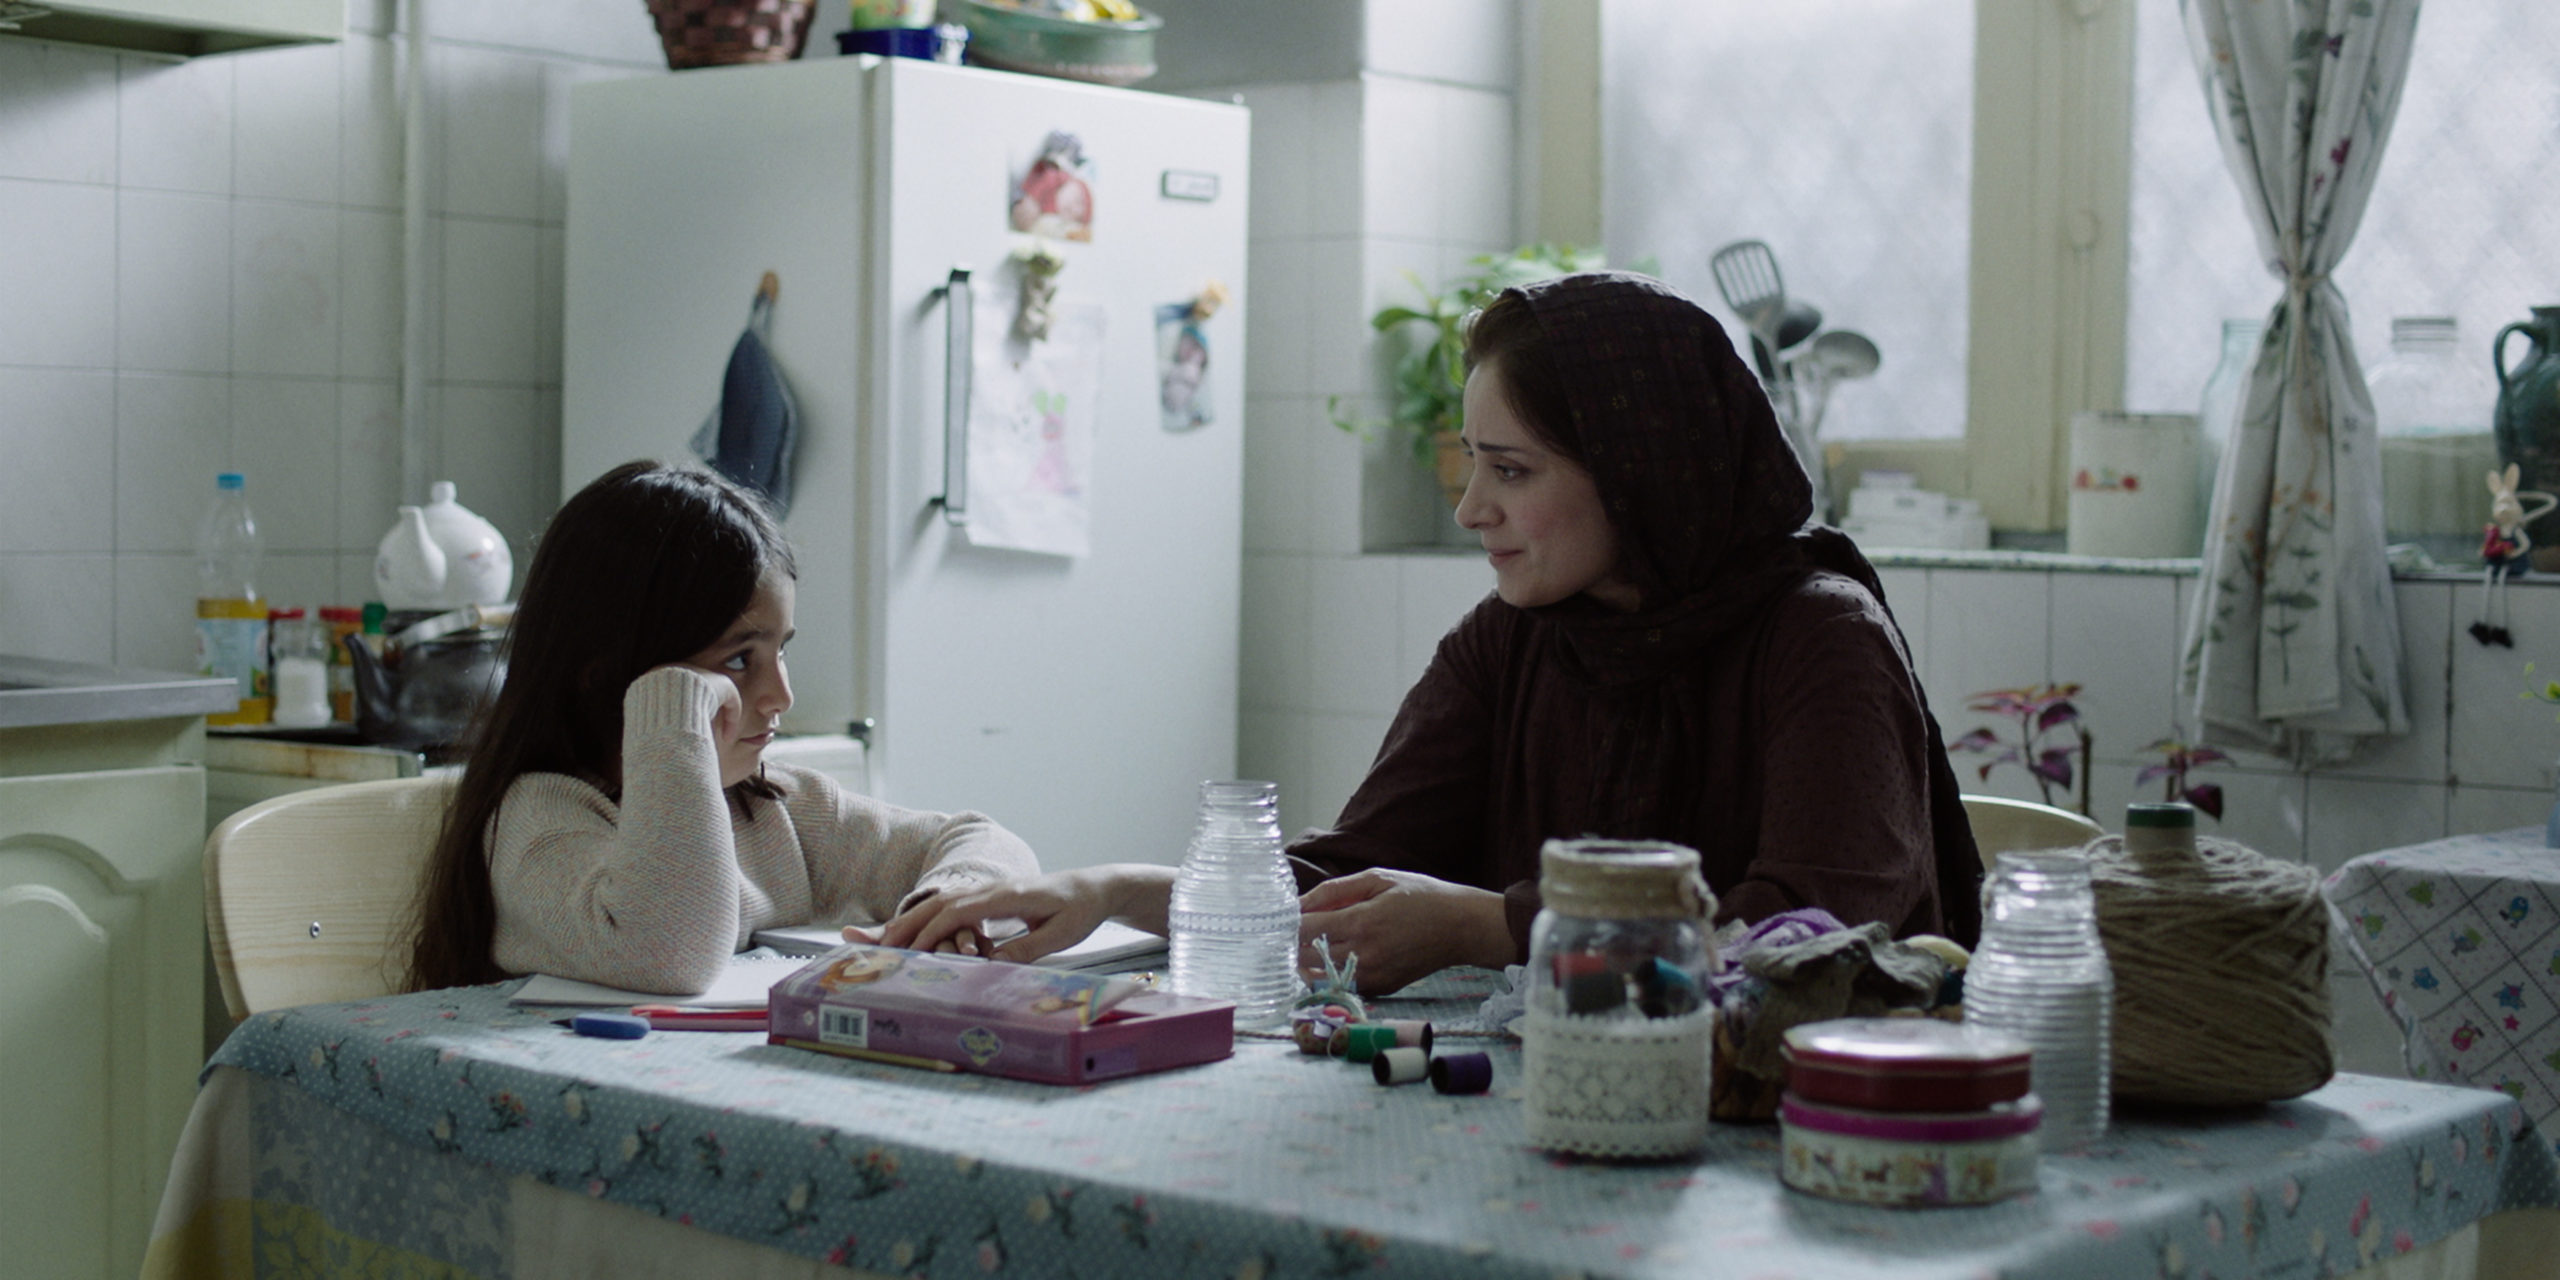 Maryam Moghaddam und Lili Farhadpour in einem iranischen Film, der abermals die Todesstrafe zum Thema hat. Foto: Amin Jafari